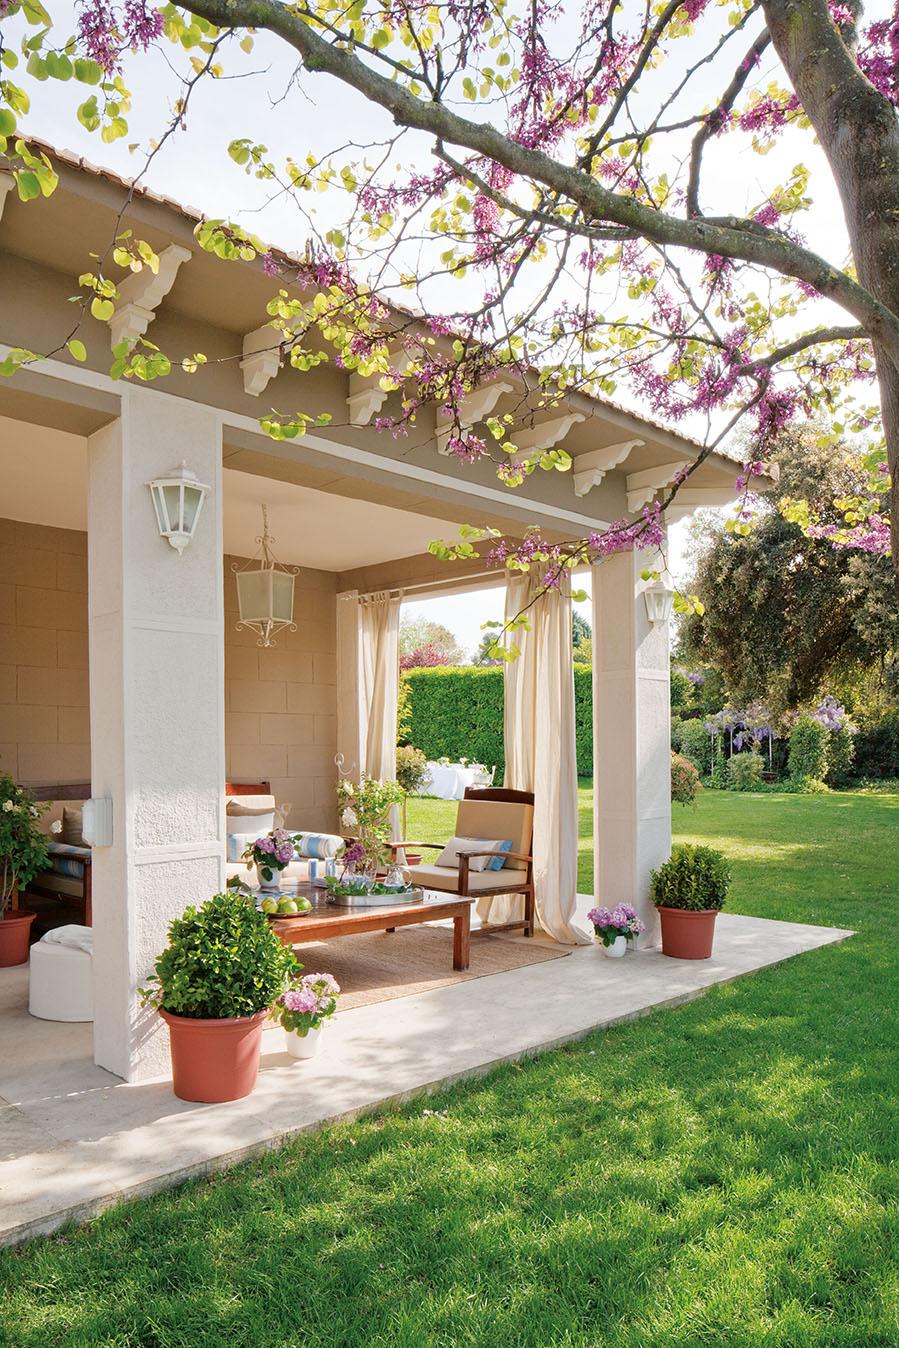 Un casa reformada llena de armon a - Casas pequenas con porche y jardin ...